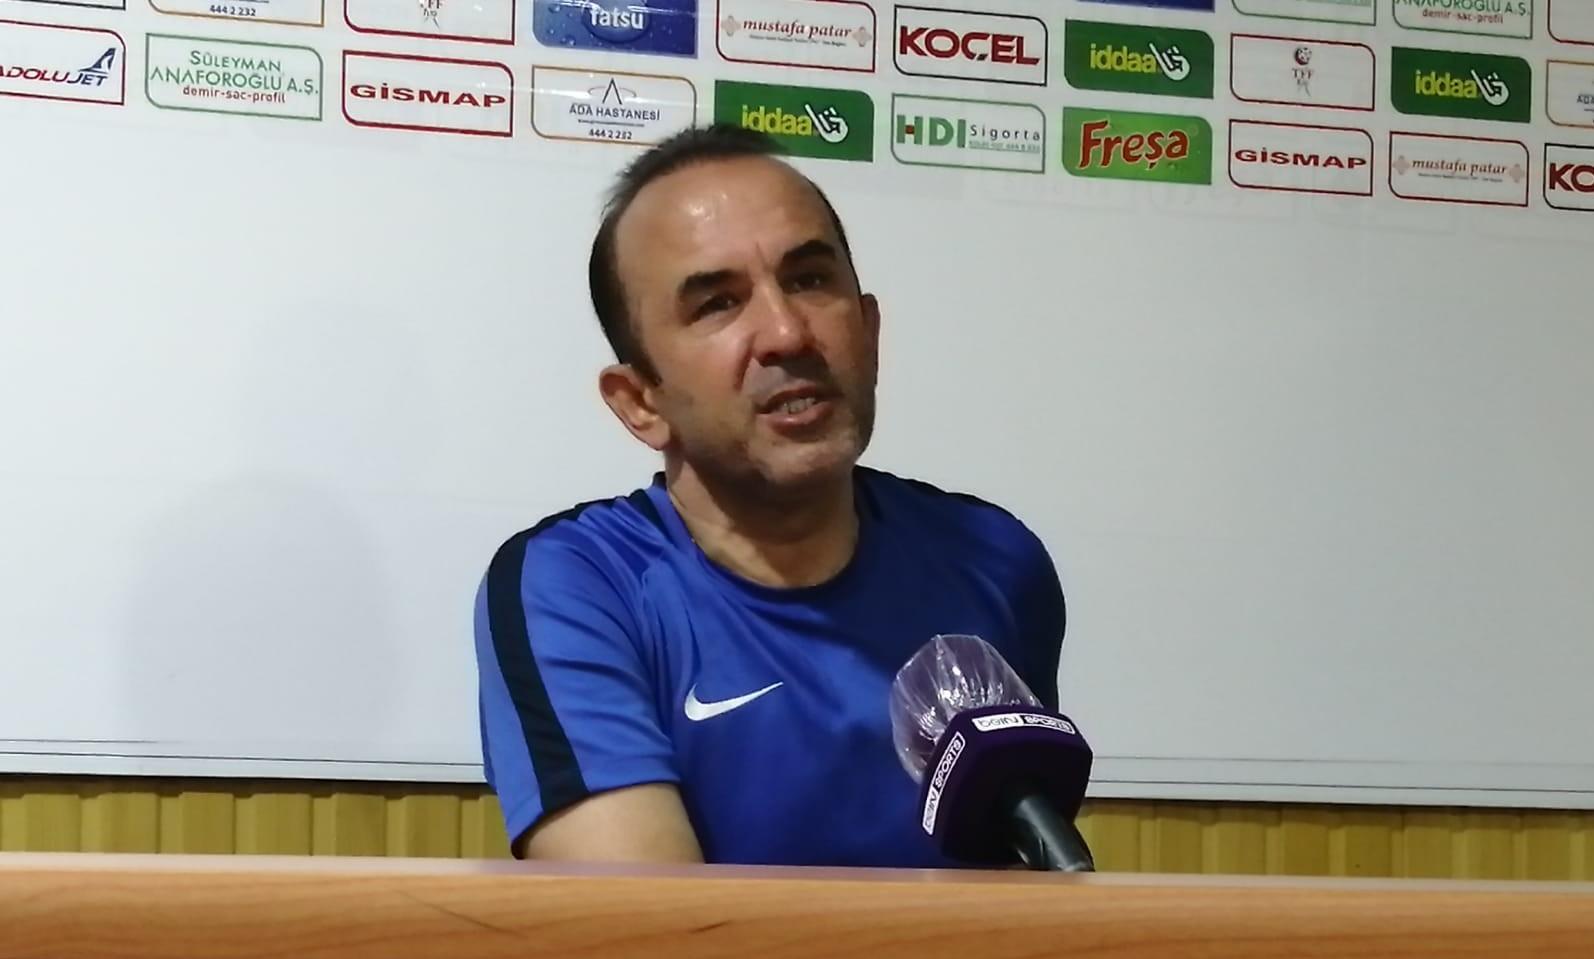 Giresunspor - BB Erzurumspor maçının ardından